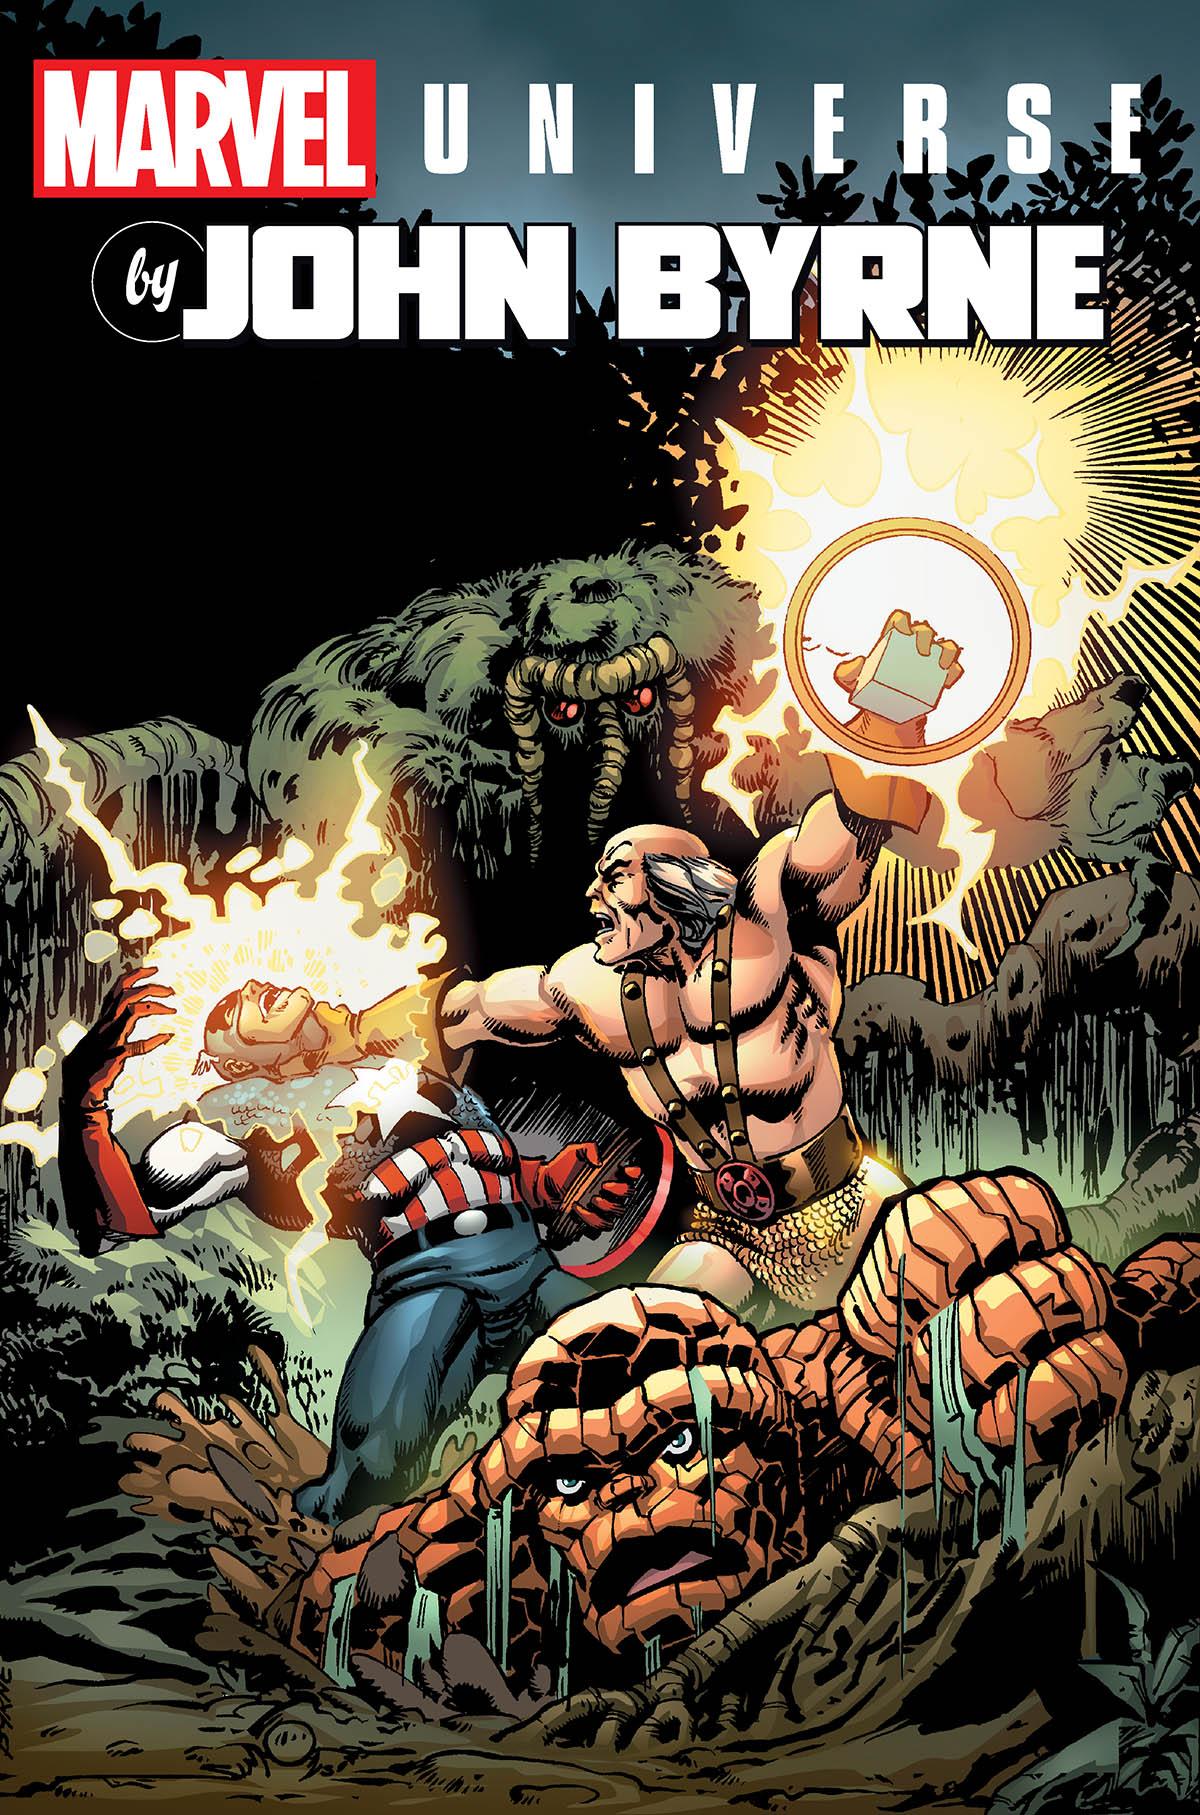 Marvel Universe by John Byrne Omnibus Vol. 2 (Hardcover)